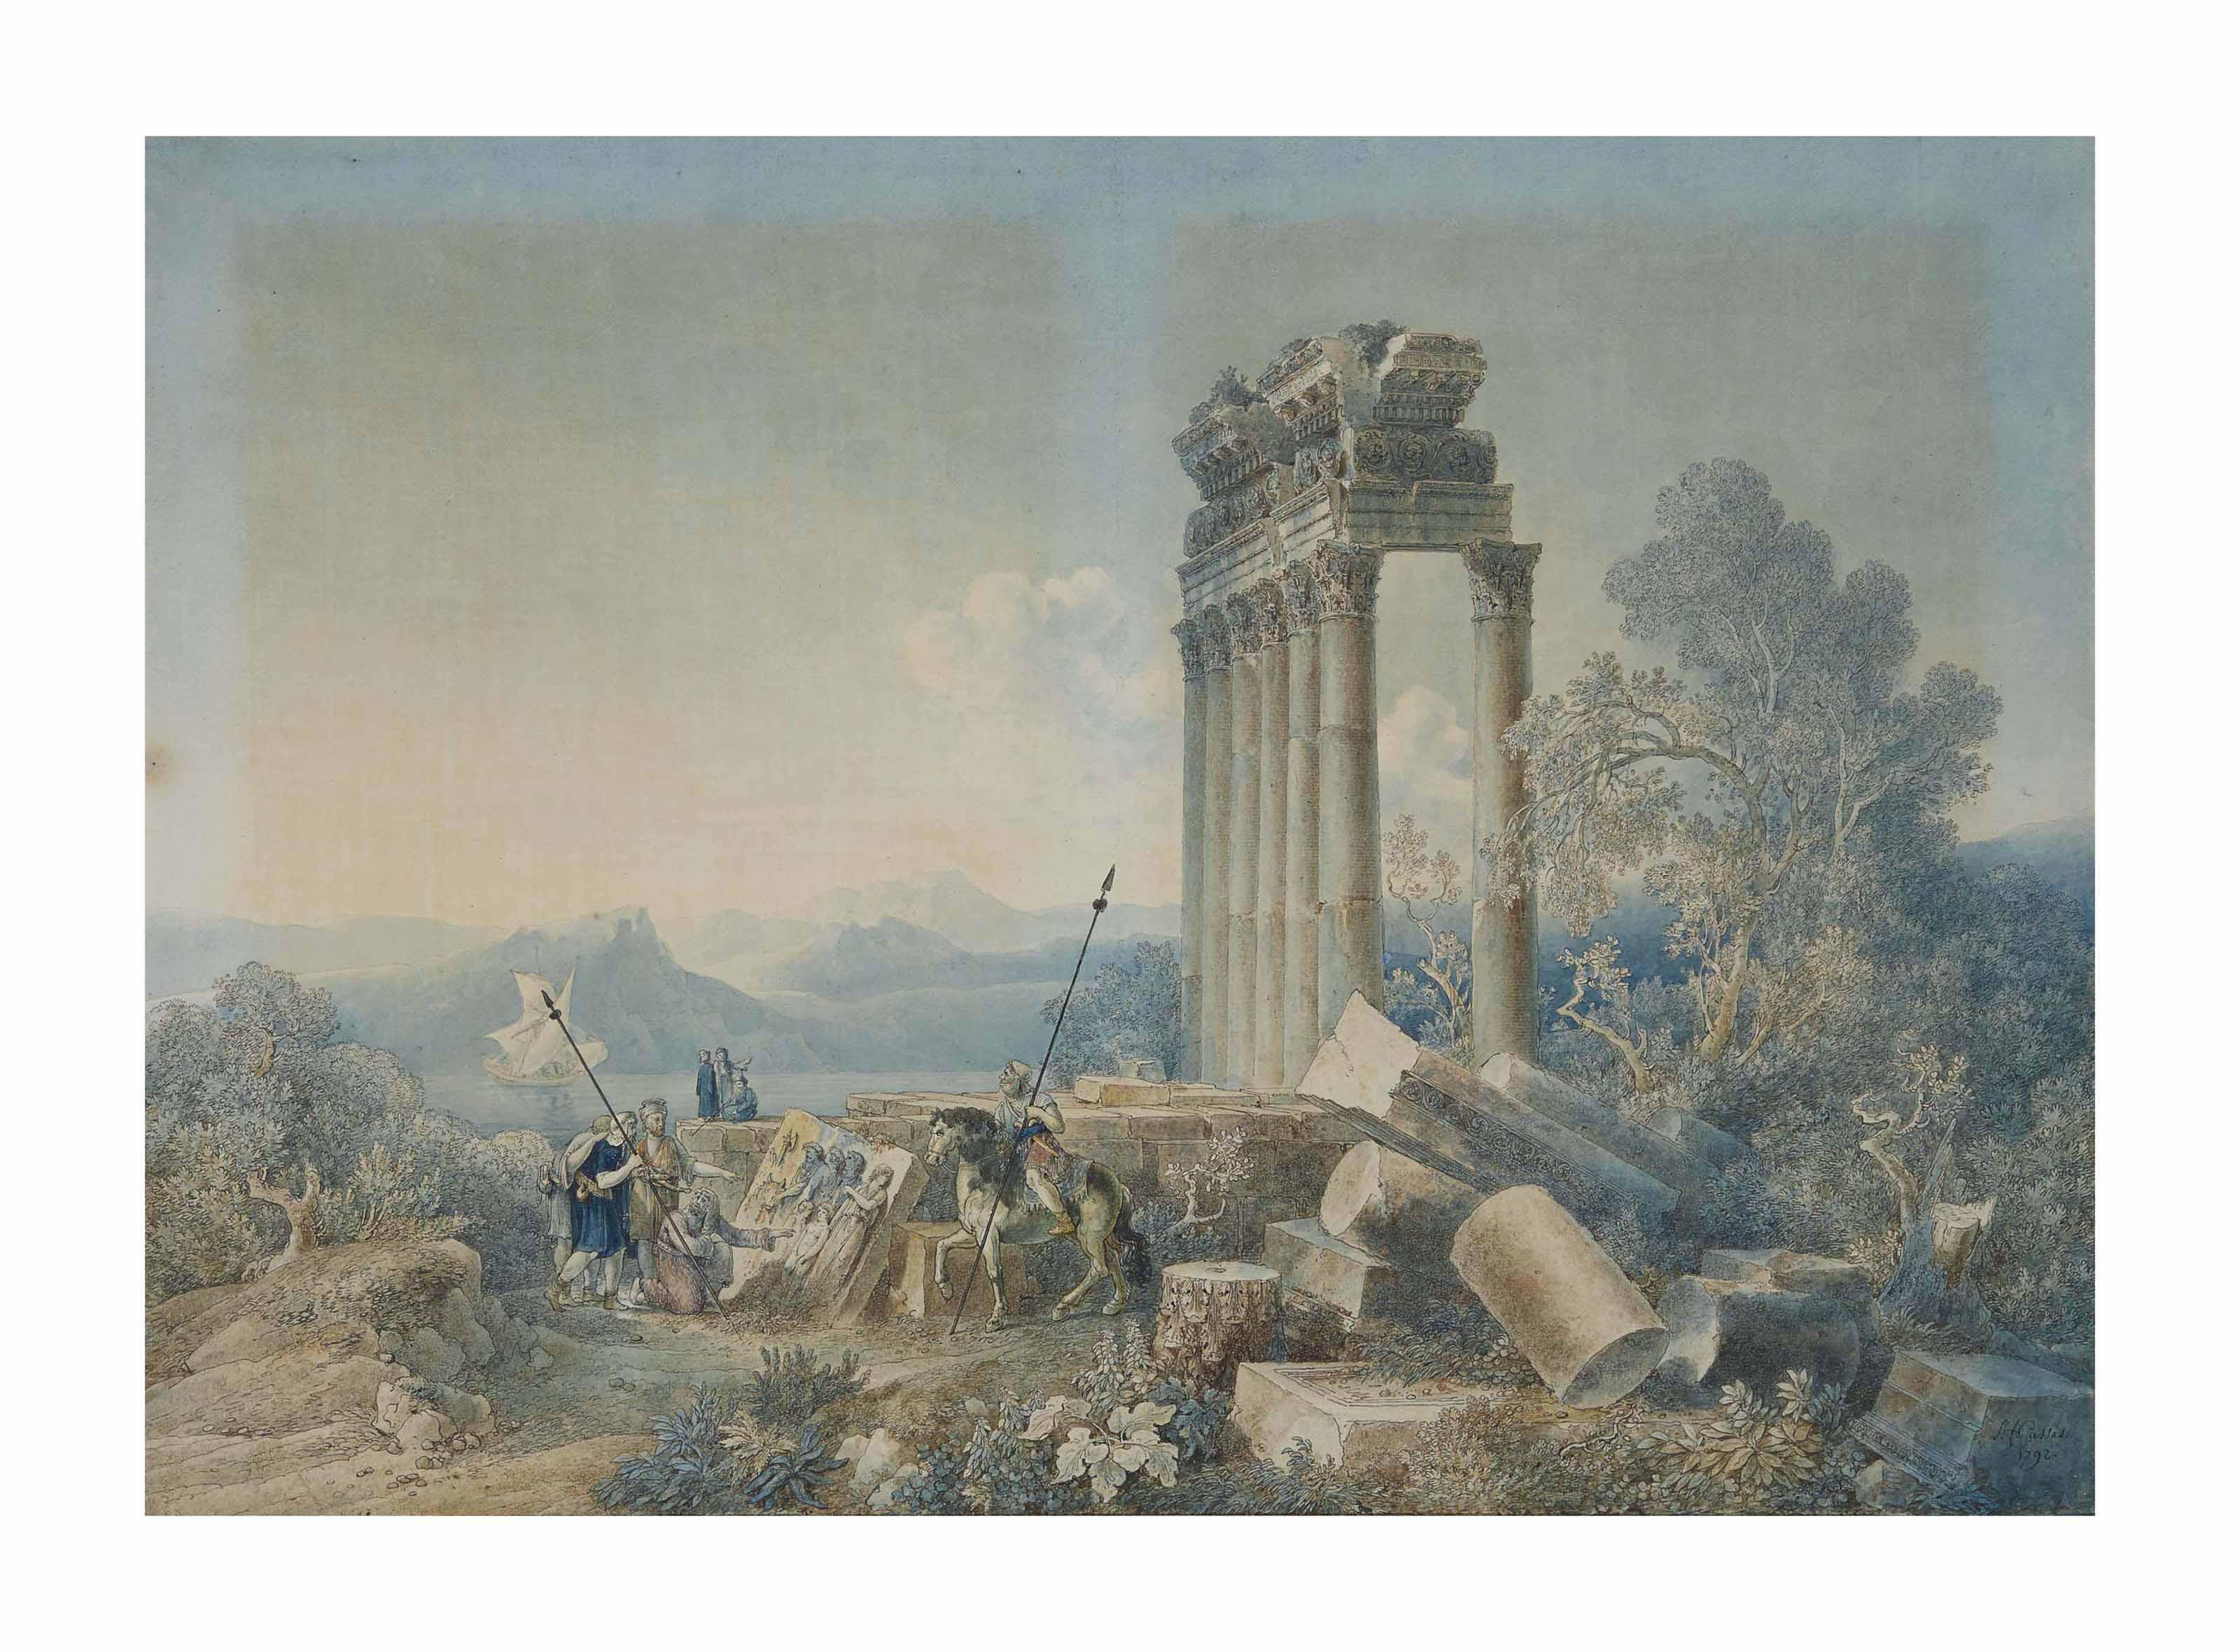 Vue imaginaire d'un temple en ruine